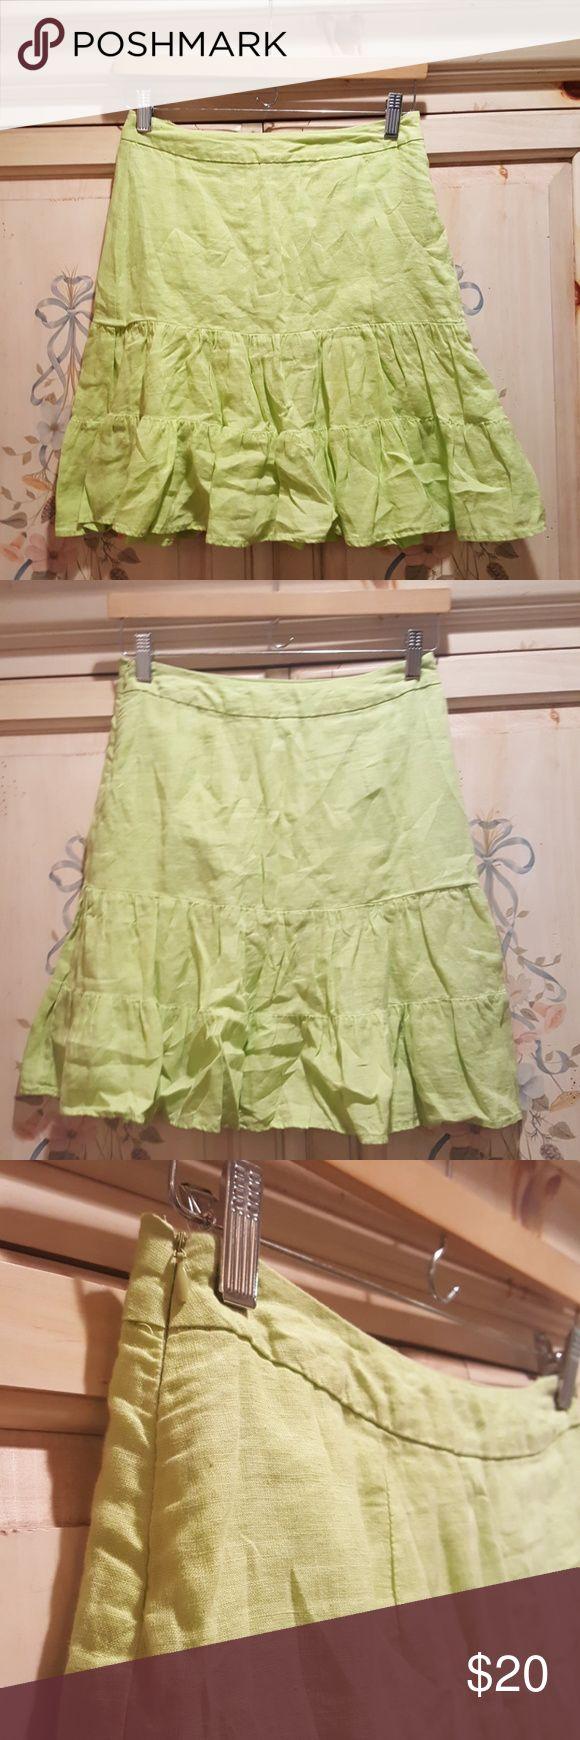 Skirt Gap Apple Green Ruffles 0 lined Gap skirt w ruffles ,,, 19 inch length, 100% linen,  lining cotton GAP Skirts Mini